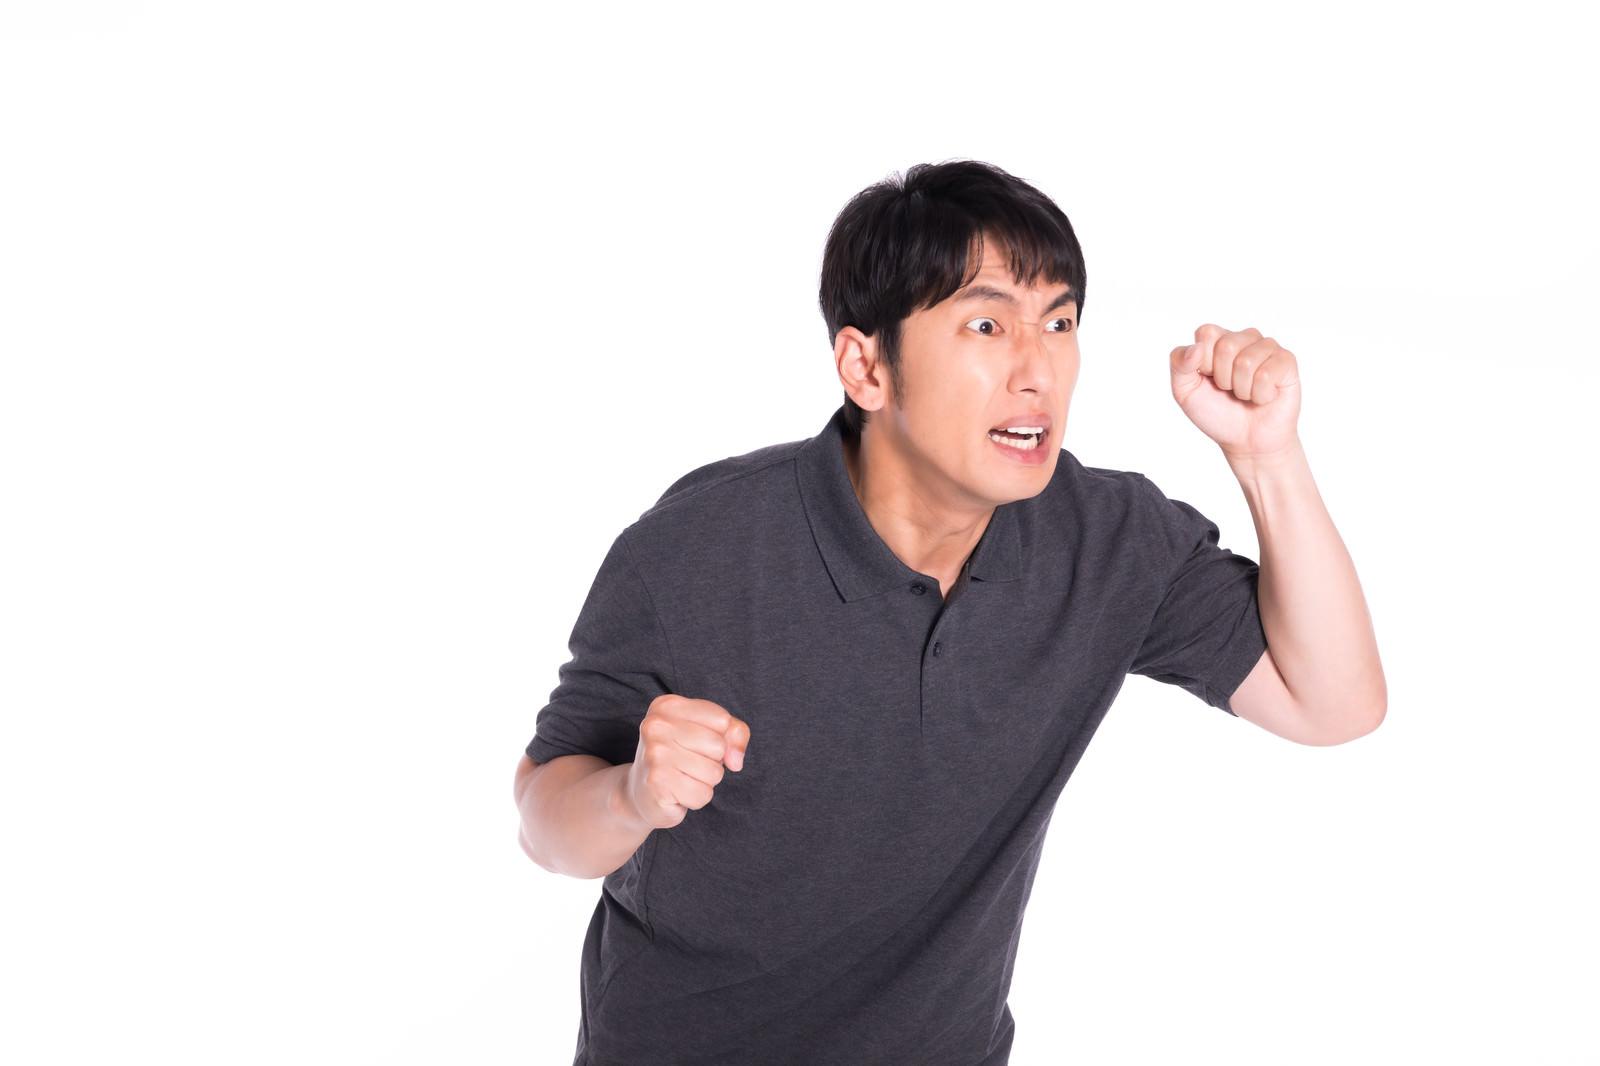 「ギャンブル依存症で熱くなってしまう男性」の写真[モデル:大川竜弥]